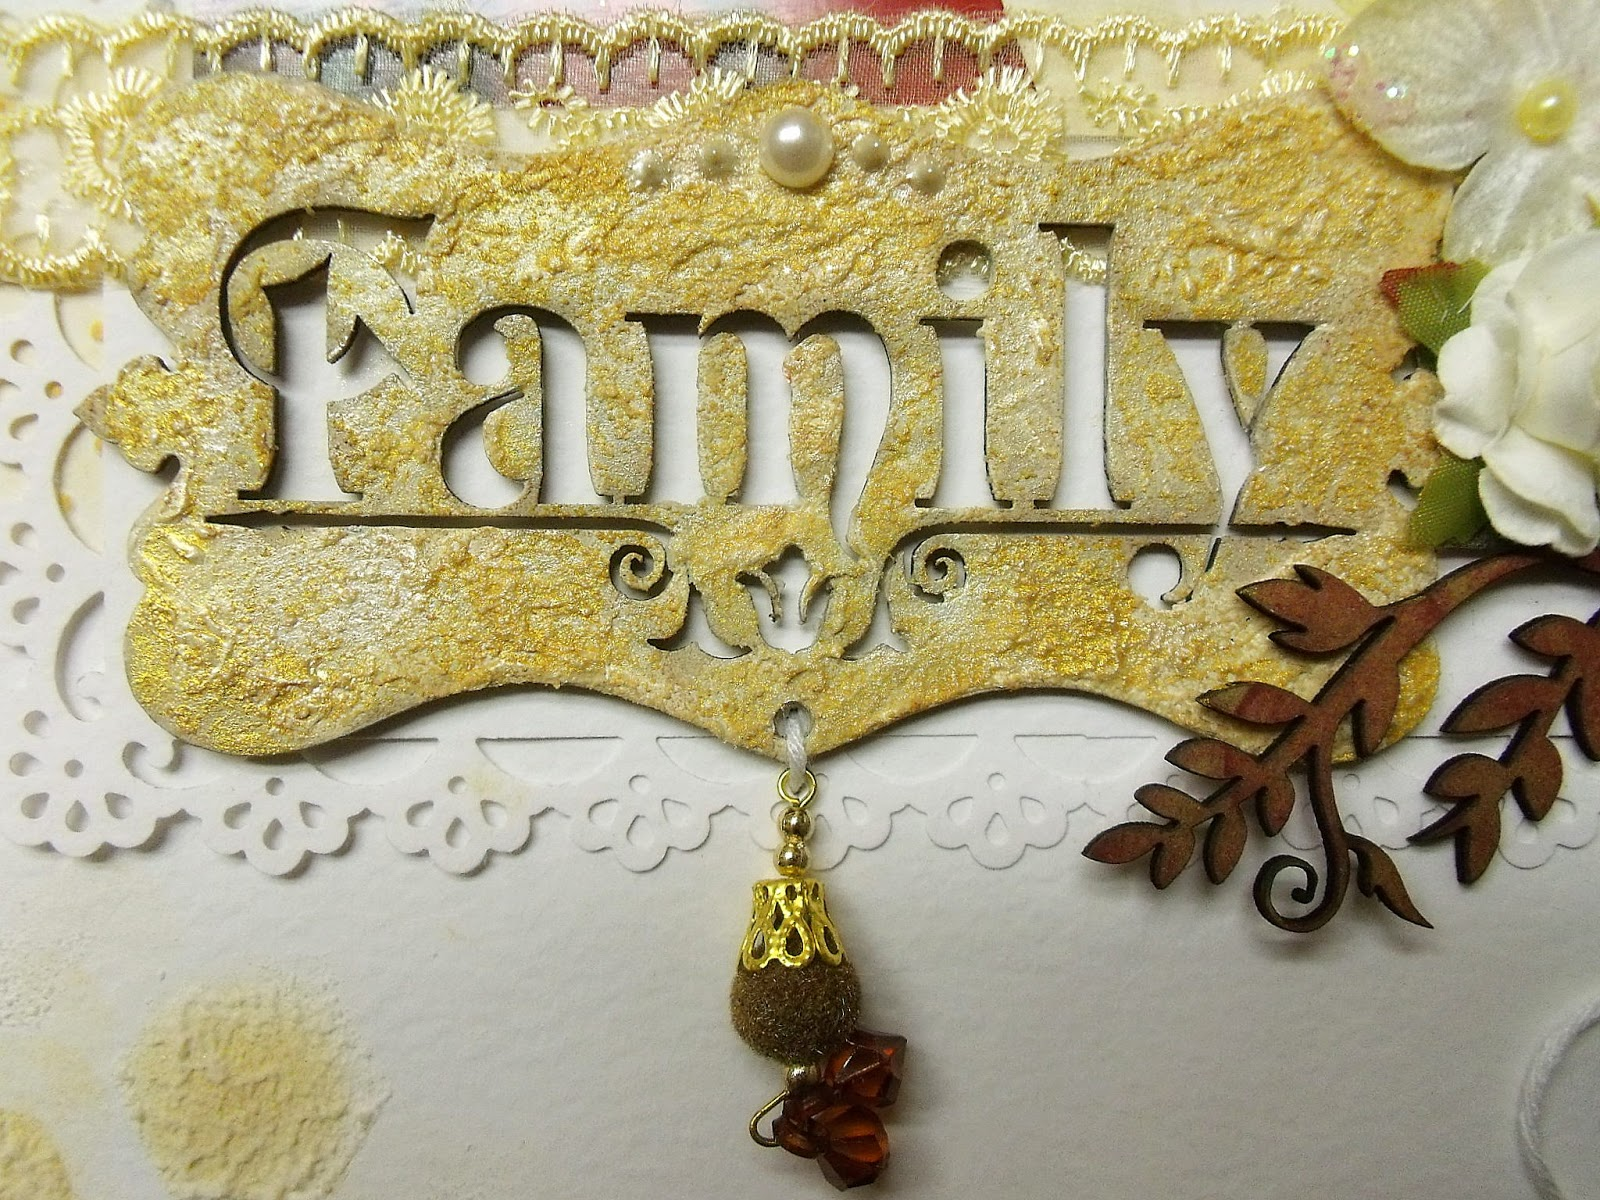 http://1.bp.blogspot.com/-vyjpMRg3D0I/UUJWogcCNZI/AAAAAAAAGsM/_yDZ9BTQdCU/s1600/Family+-+details1.JPG